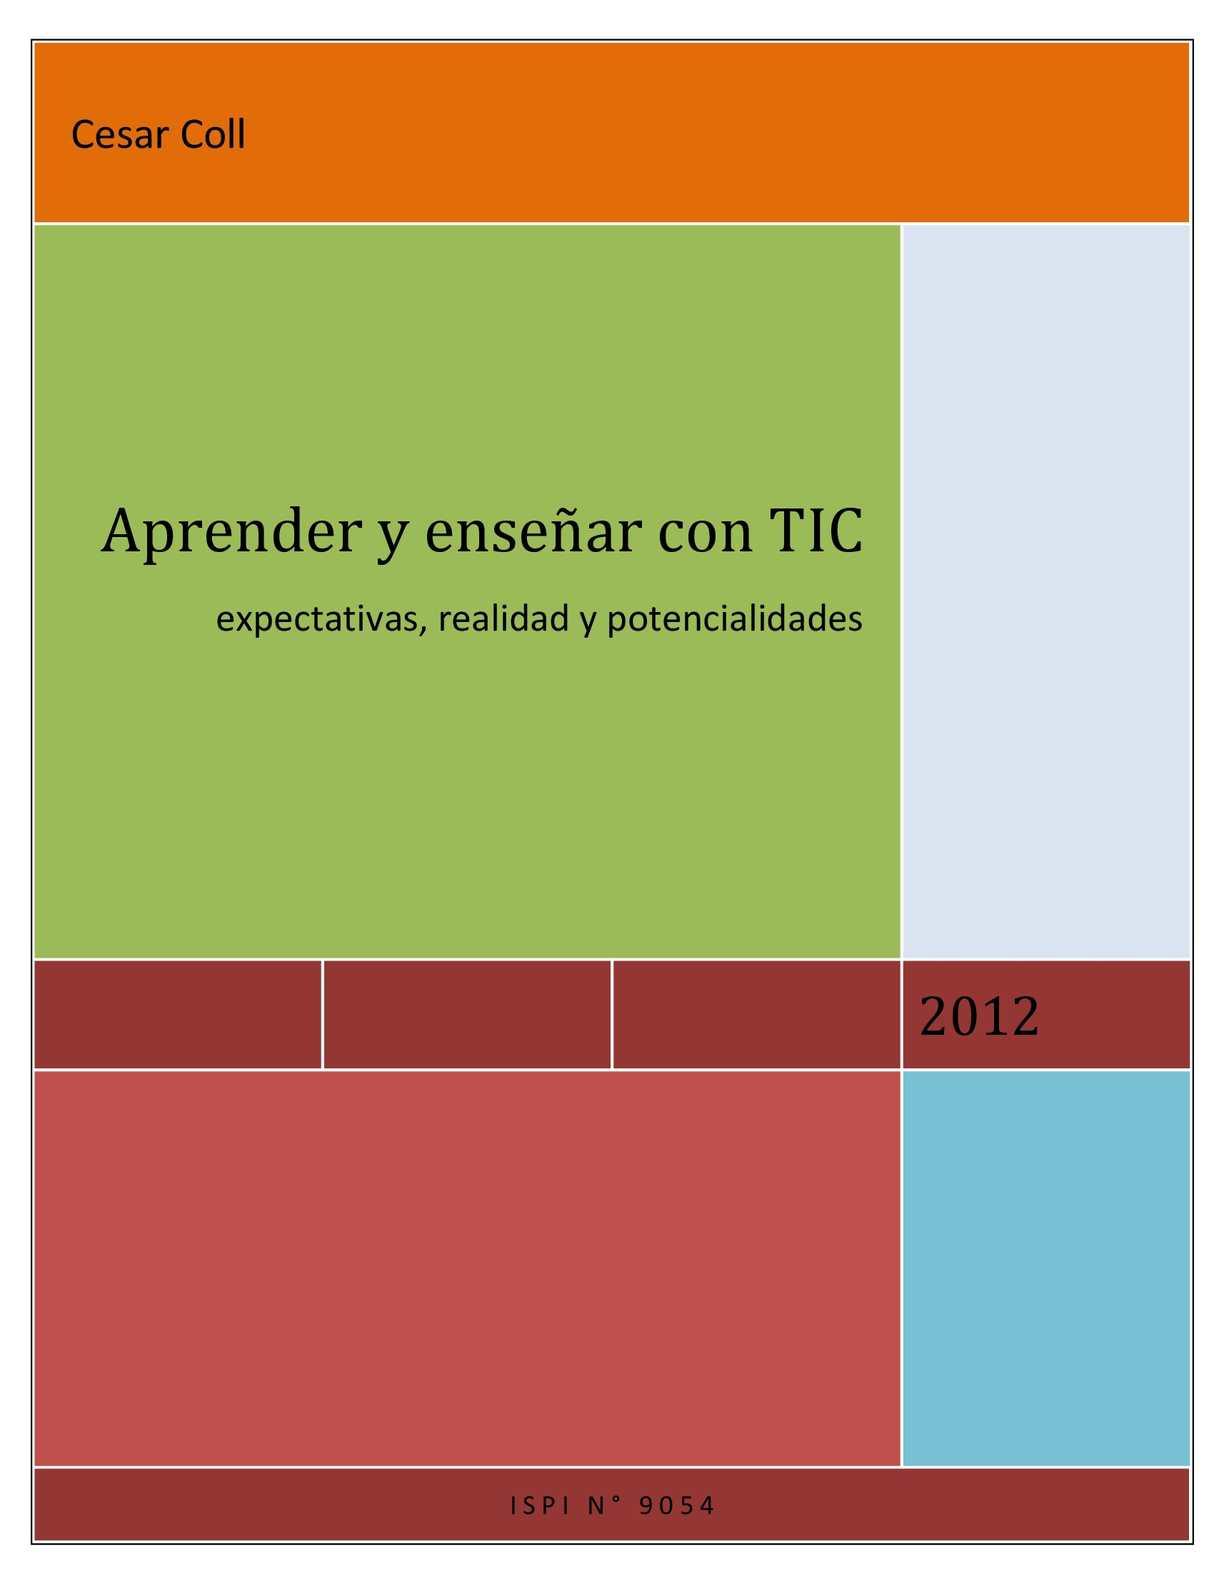 Calaméo - Aprender y Enseñar con las TIC - Cesar Coll